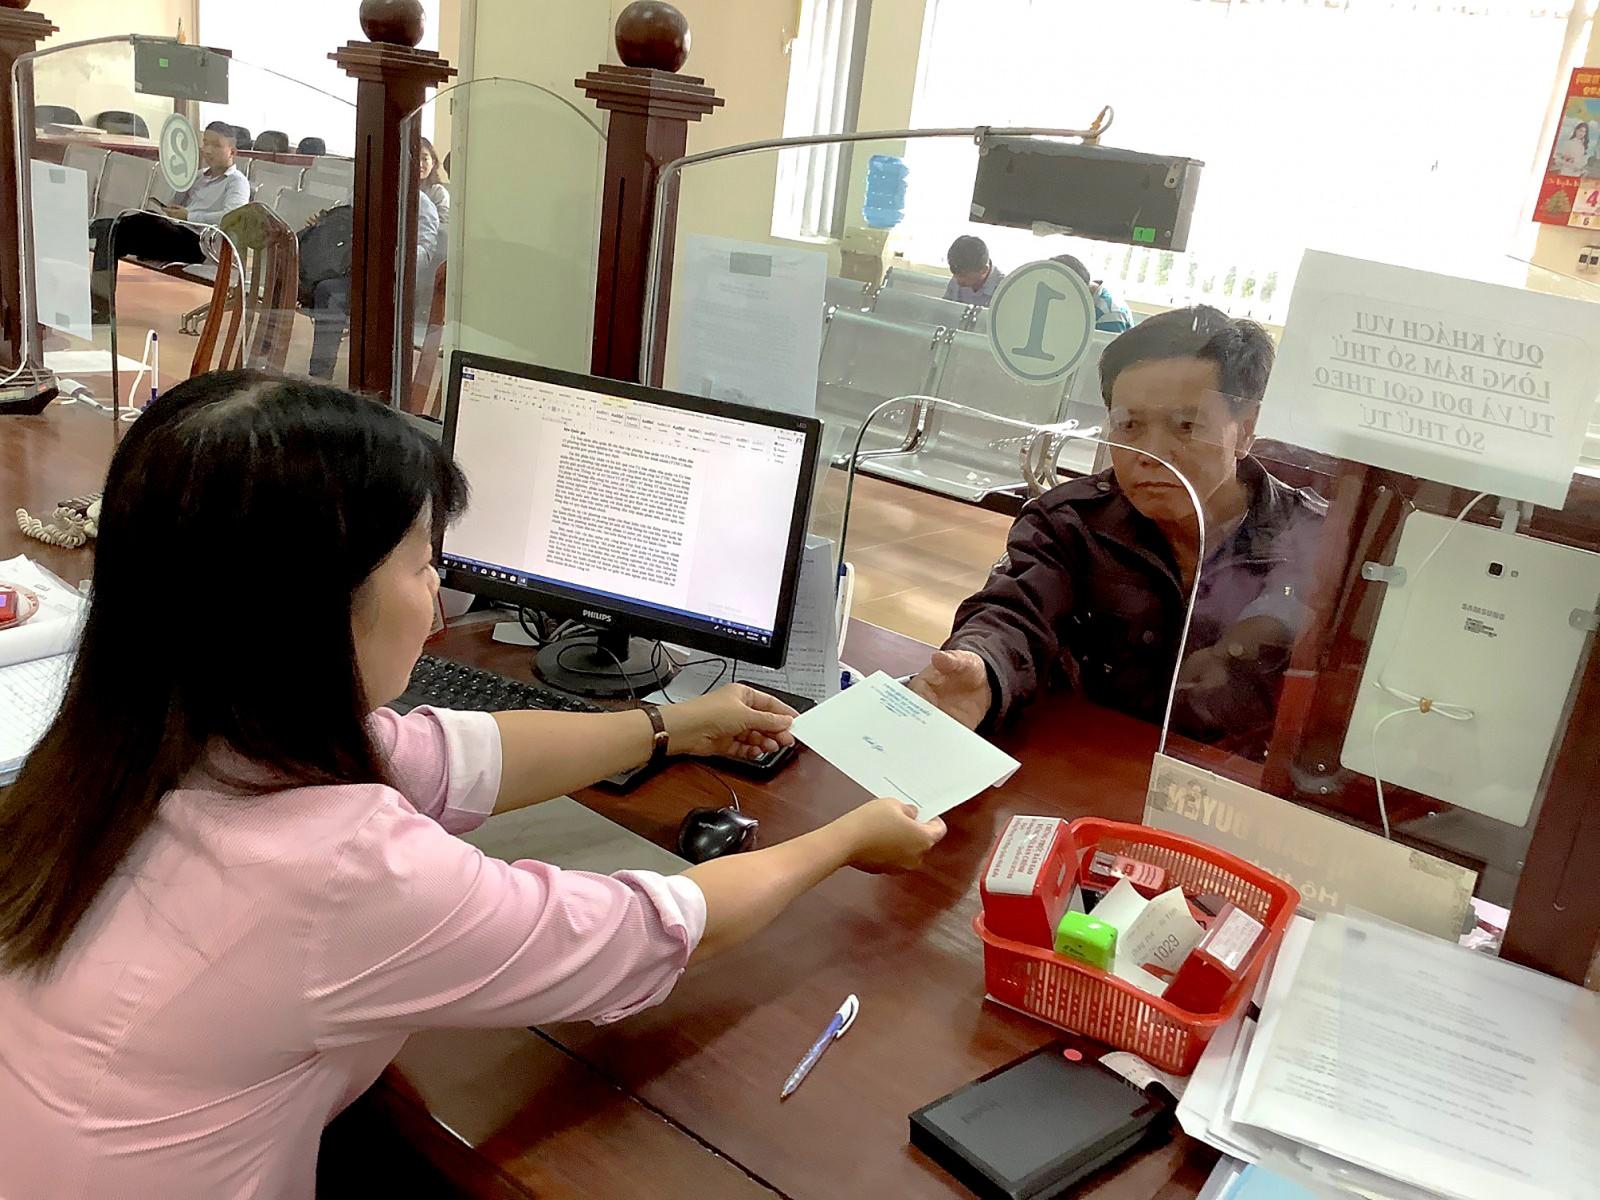 Công chức Phòng Tư pháp quận Ninh Kiều giải quyết TTHC cho ông Phan Văn Tâm ở xã Tân Bình, huyện Phụng Hiệp, tỉnh Hậu Giang, ngay trong buổi sáng.